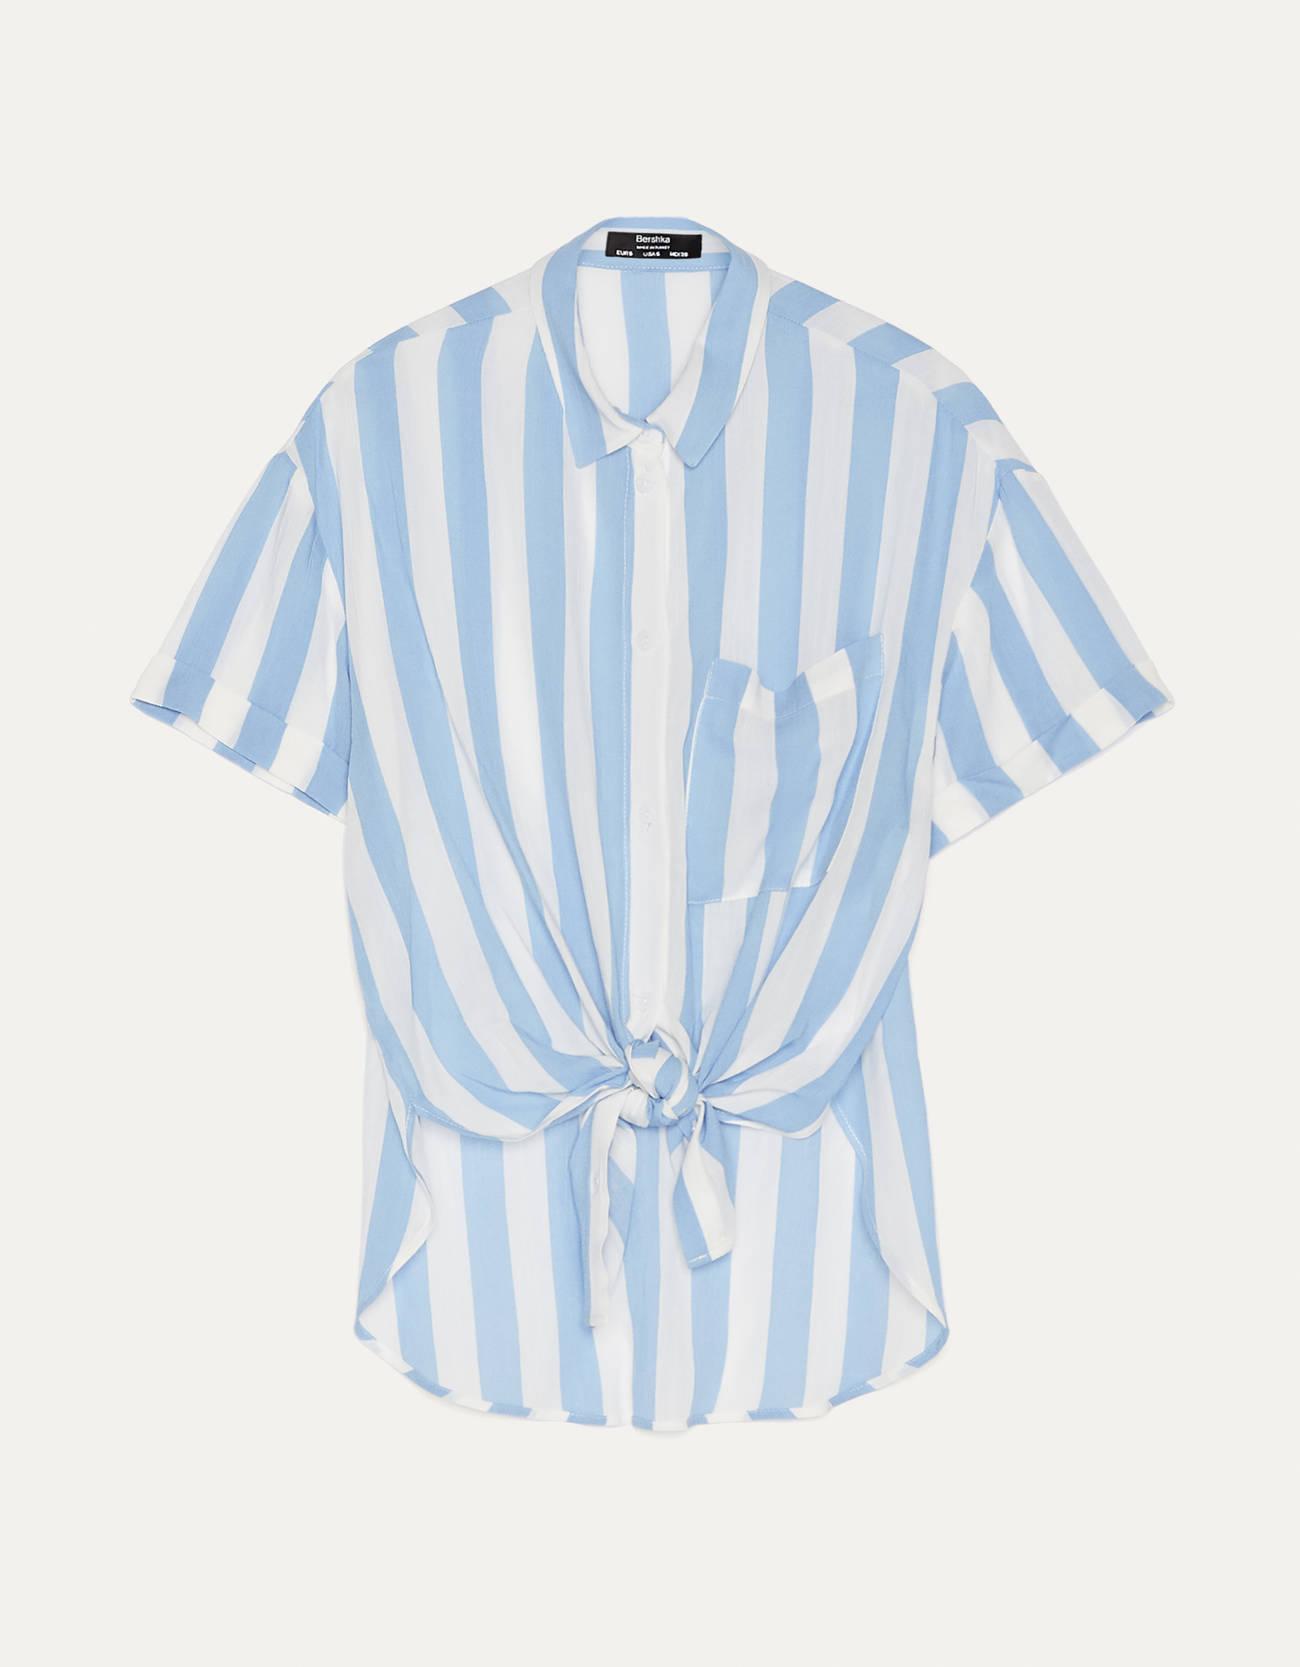 Camisa larga con nudo a rayas.